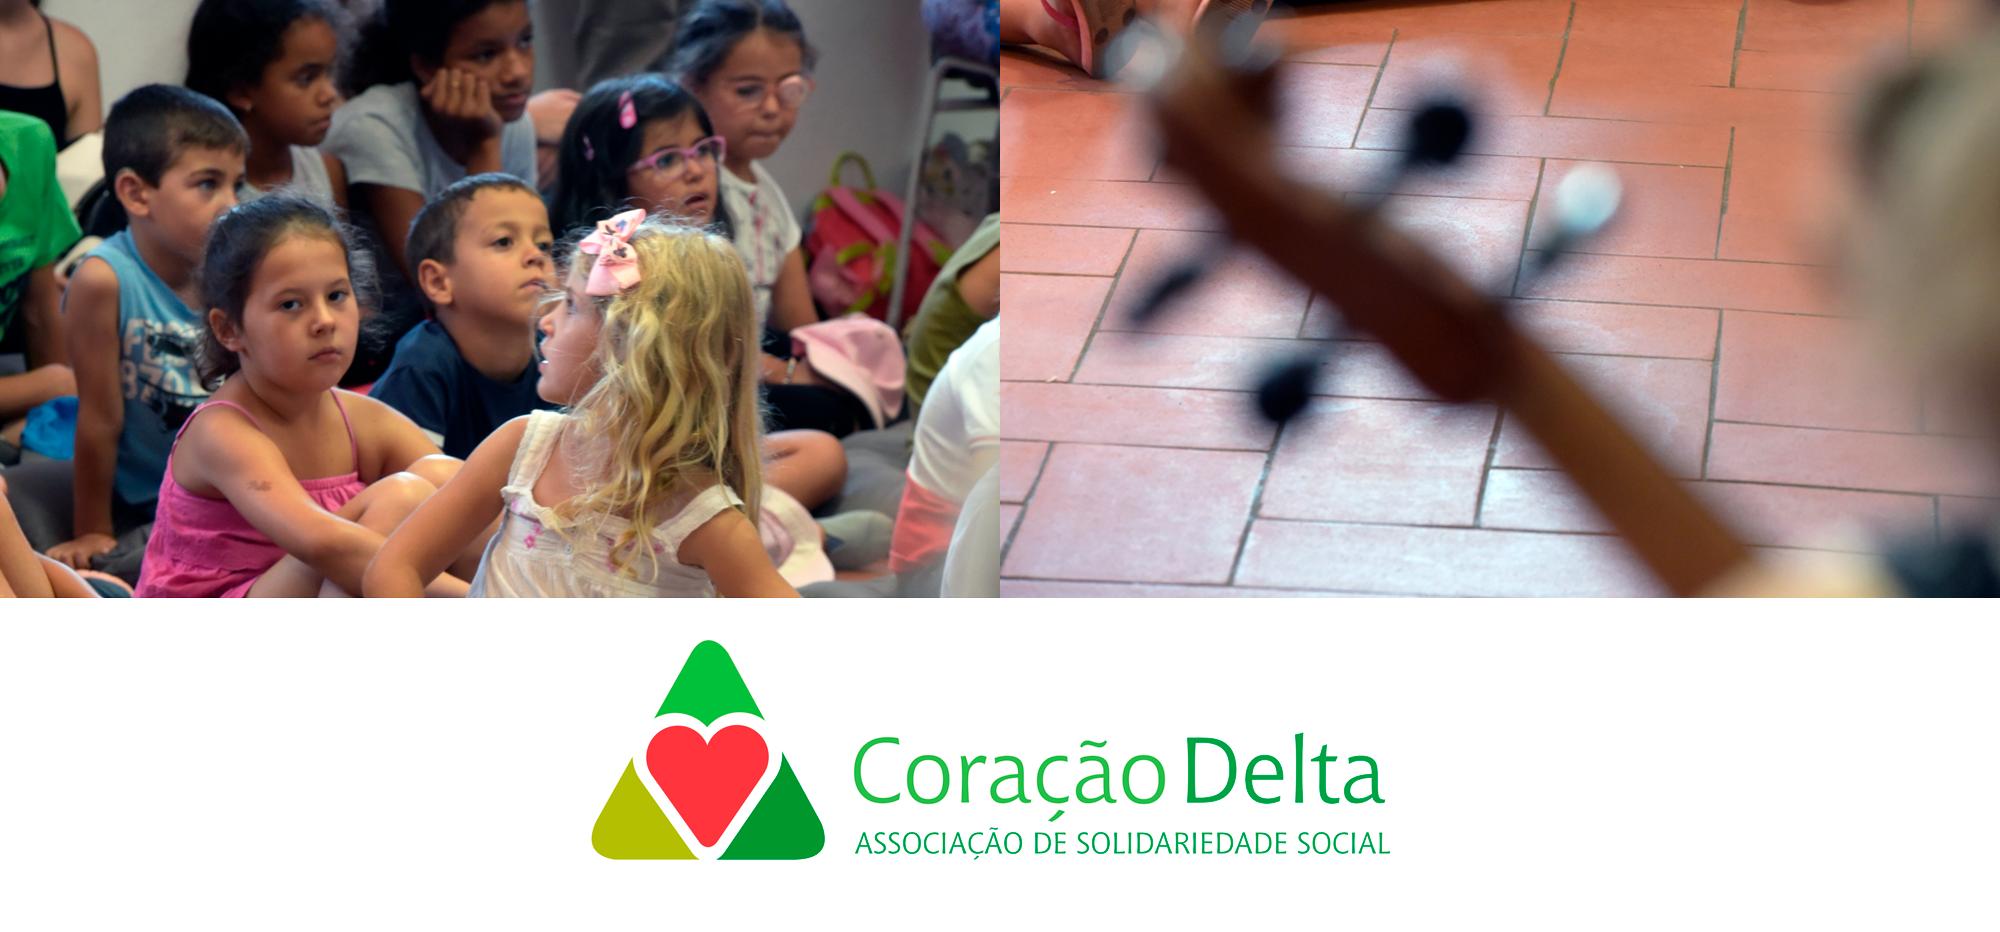 """Espaço para crianças """"Coração Delta"""": 5ª edição do festival estreia um novo serviço de cortesia"""